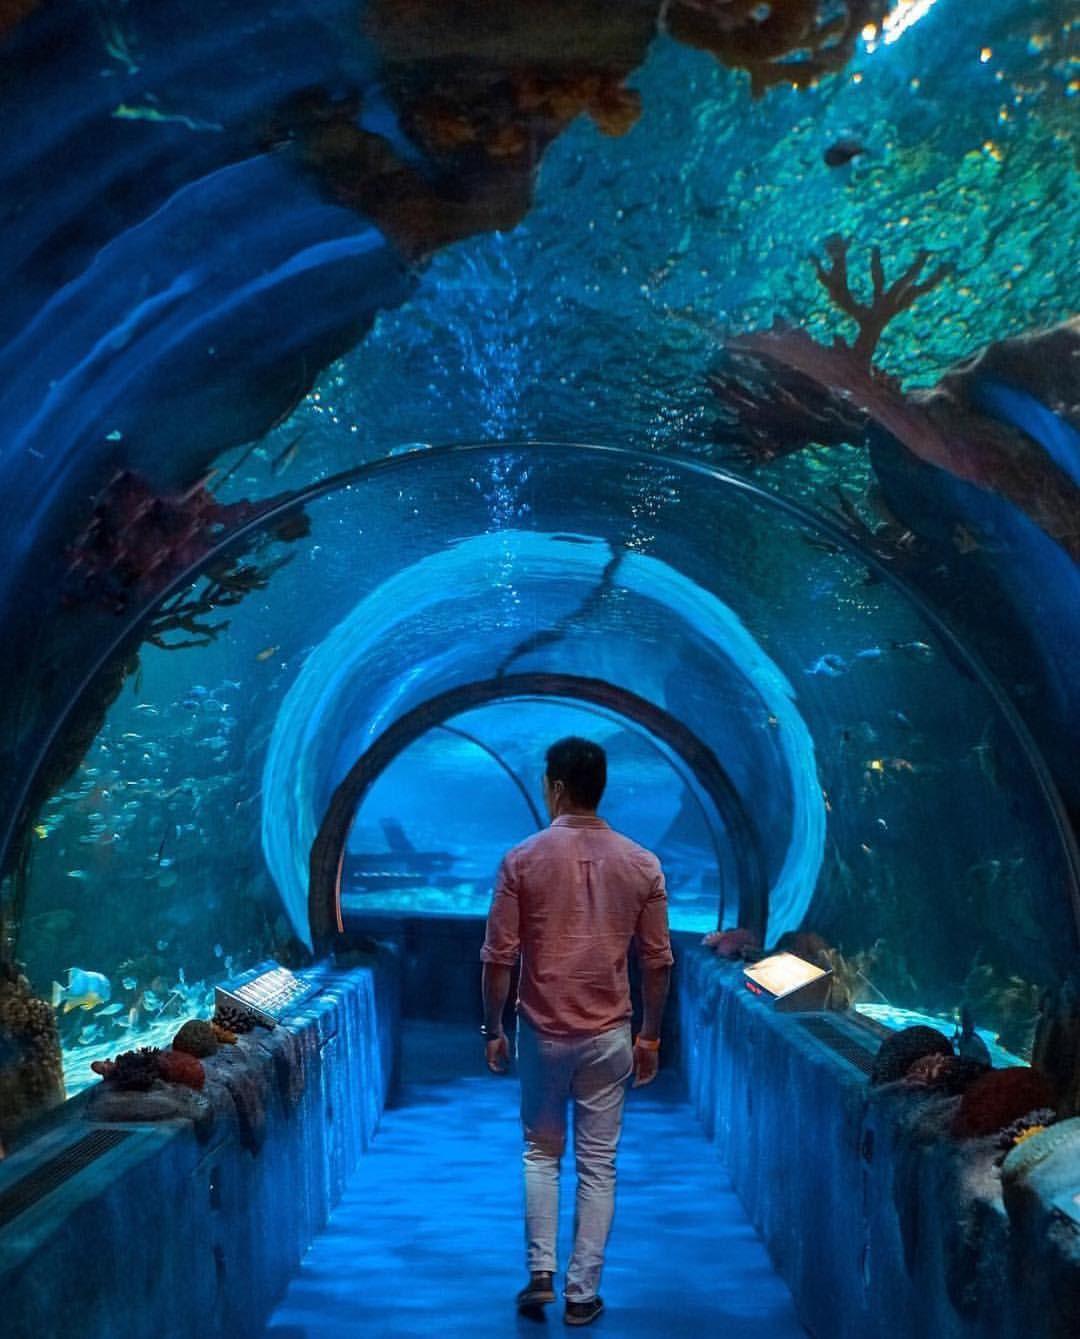 Sealife Aquarium MOA | Sea life artwork, Sealife, Sea life